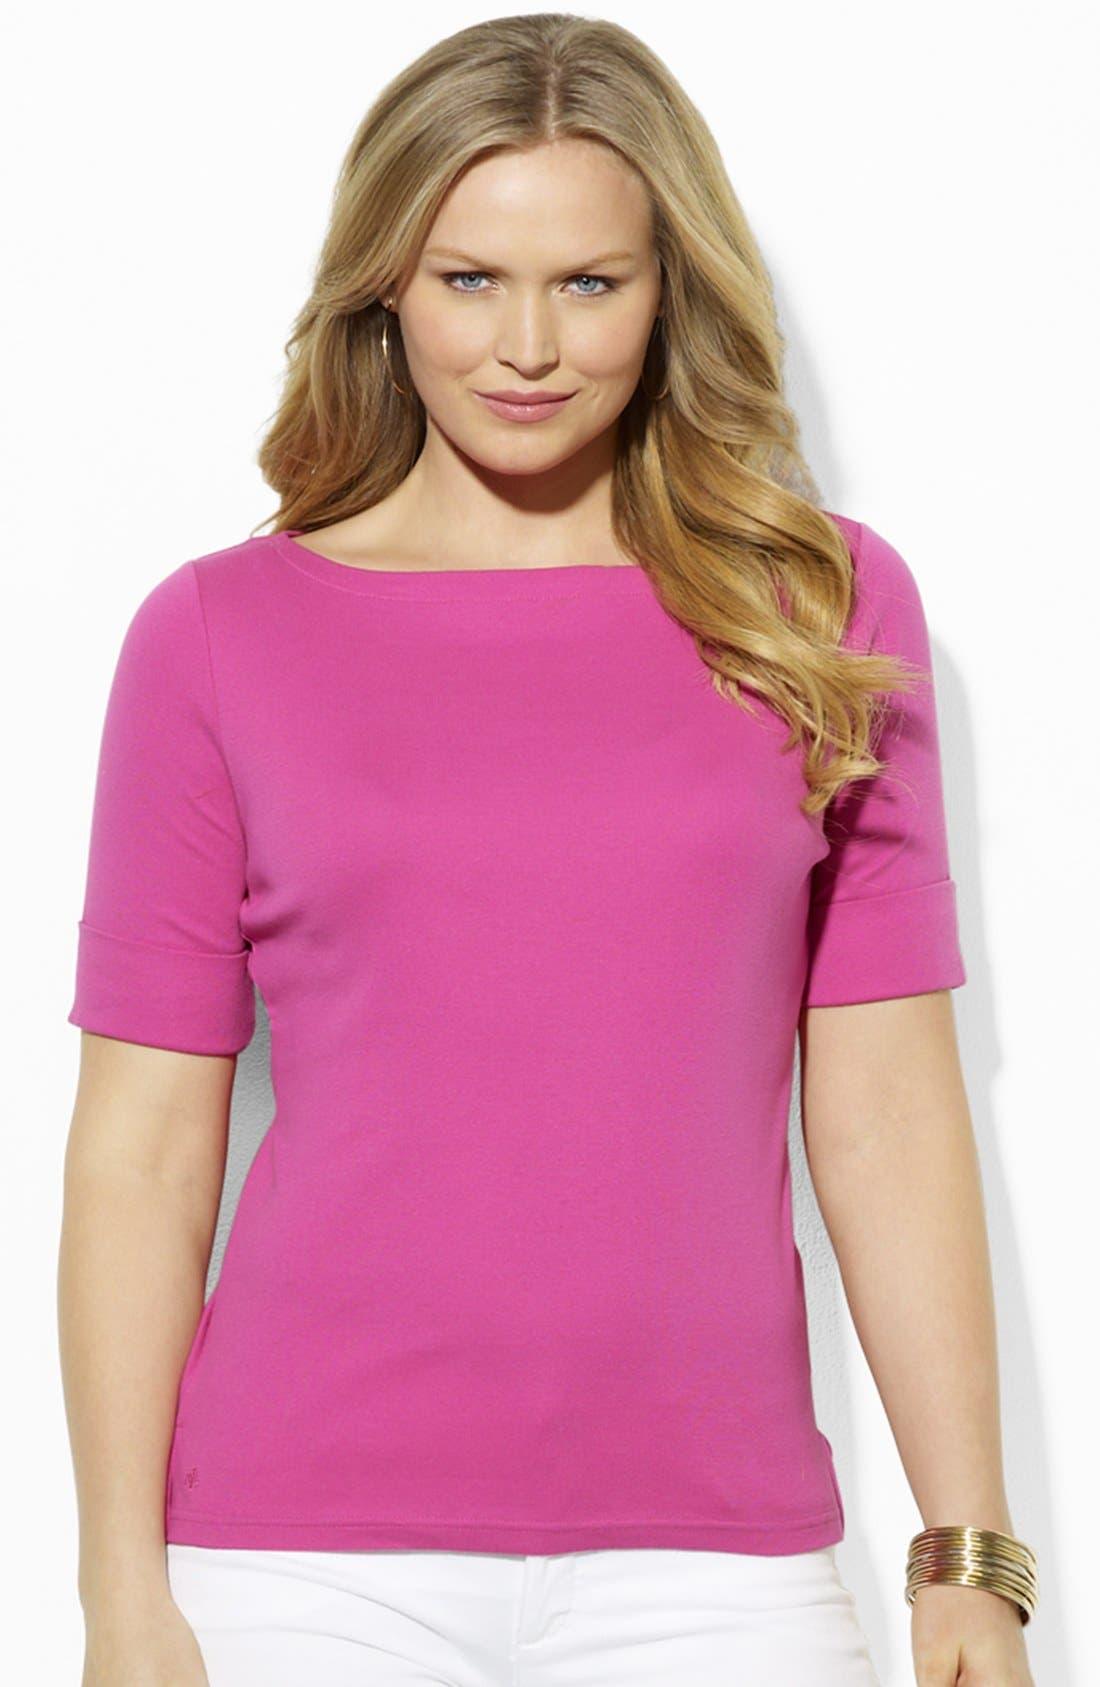 Alternate Image 1 Selected - Lauren Ralph Lauren Boatneck Top (Plus Size)